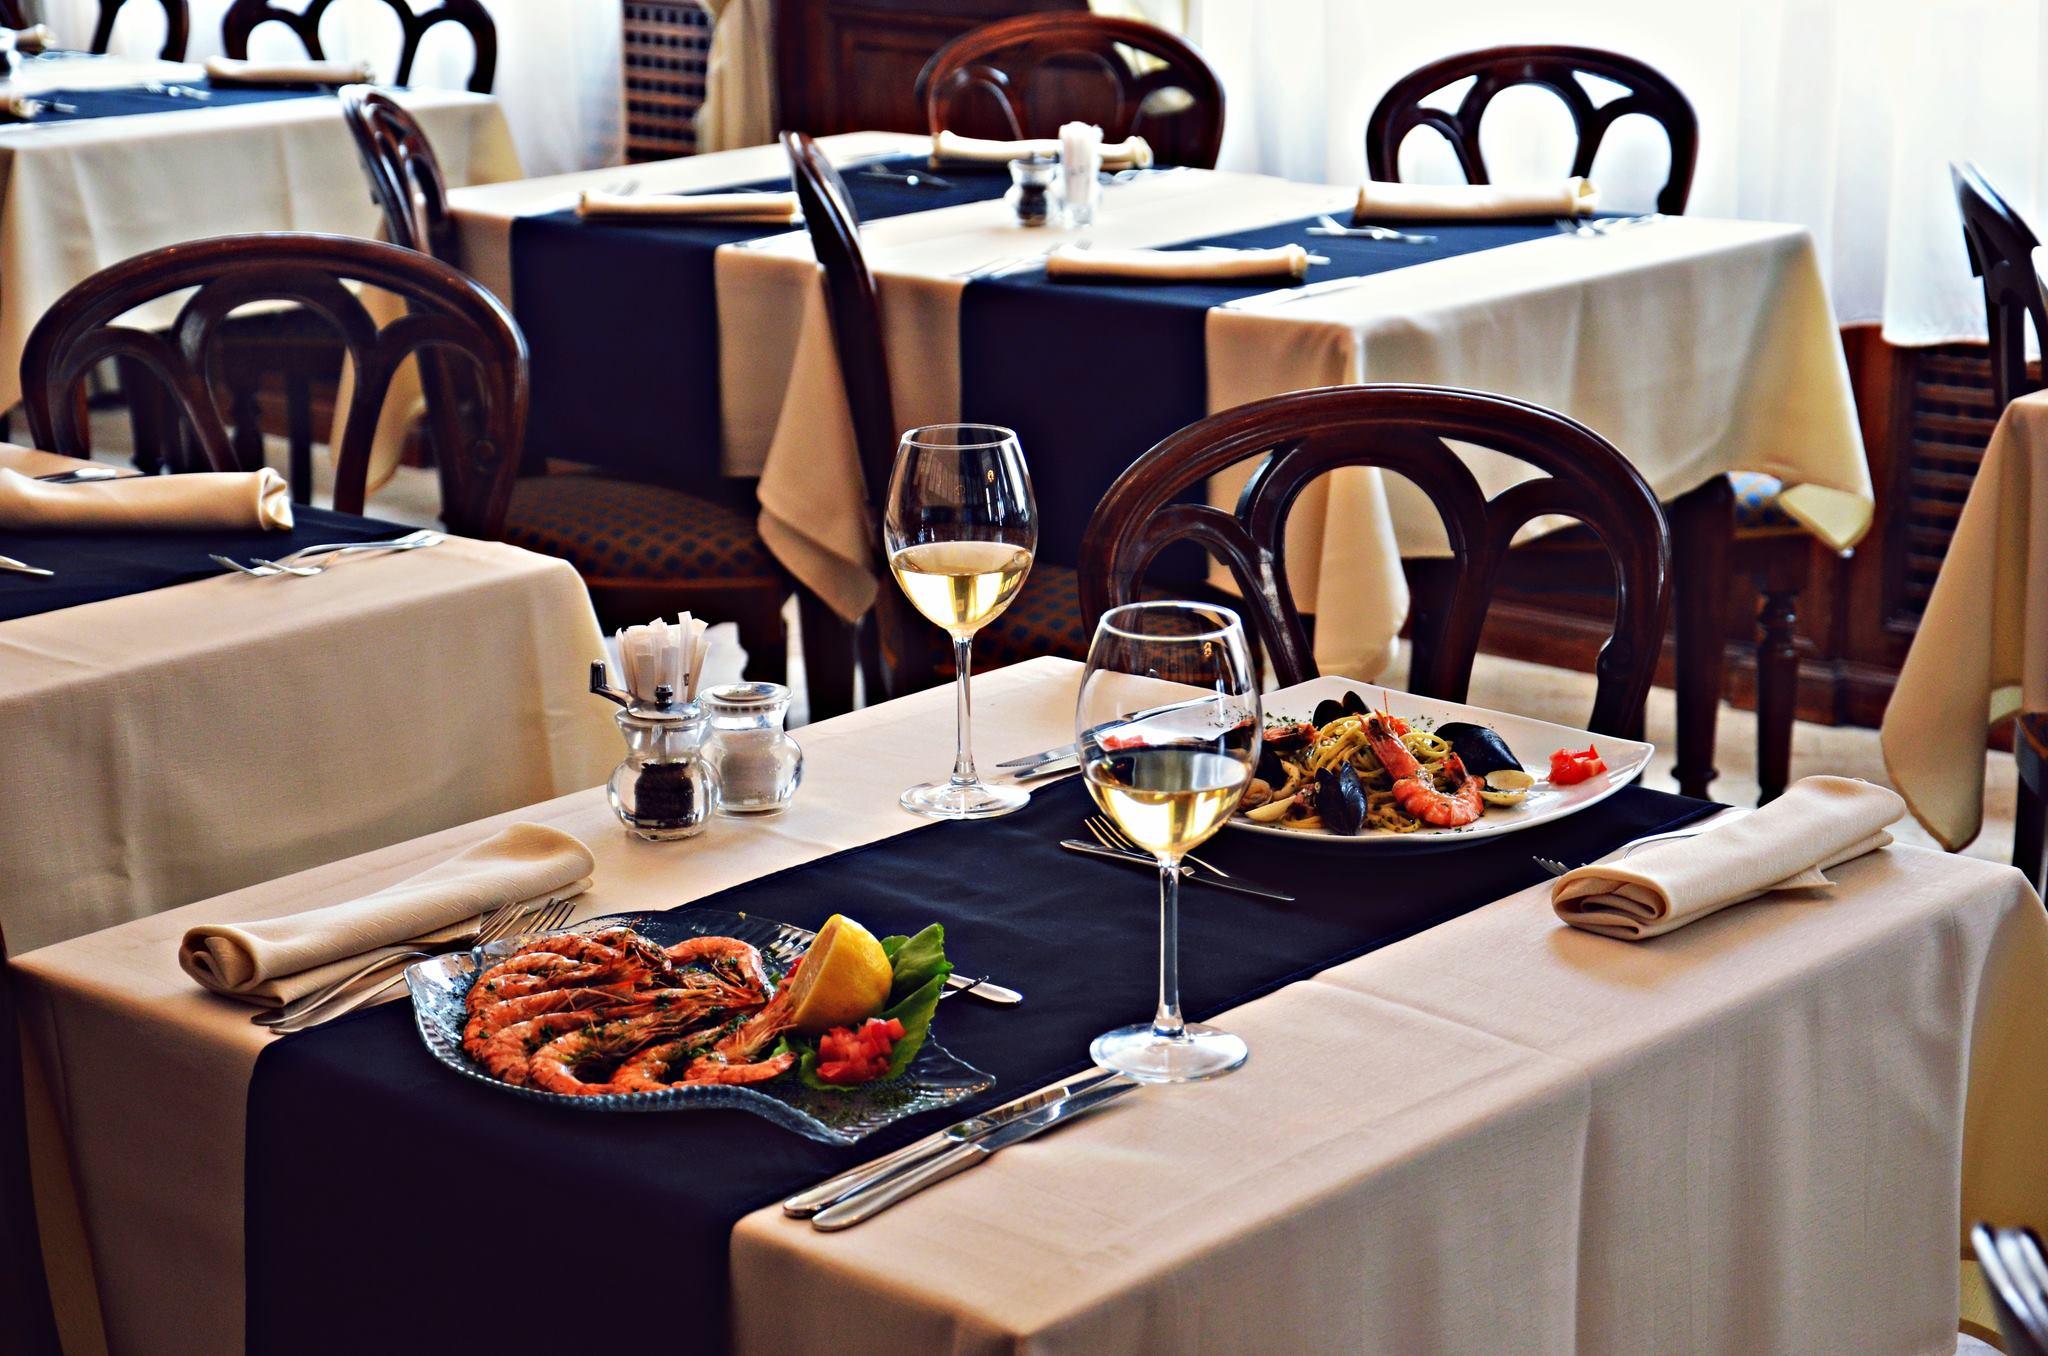 Eleganță în stil culinar italian la Trattoria Fiorentina